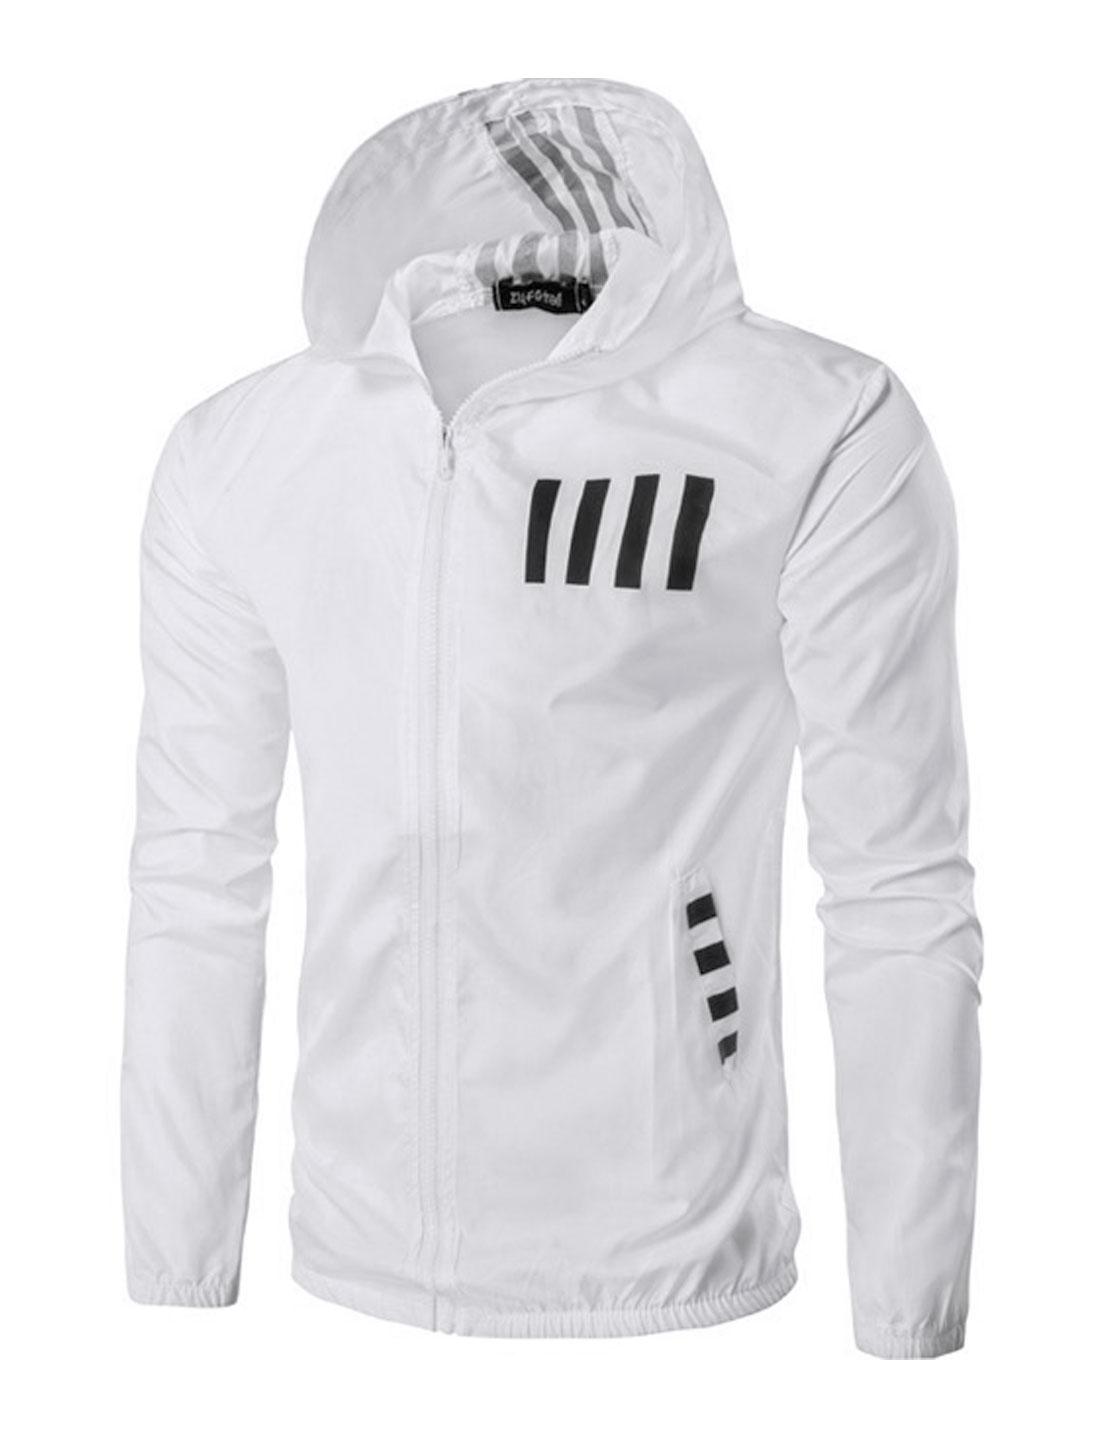 Men Hooded Stripes Number Print Zip Up Pockets Jacket White M